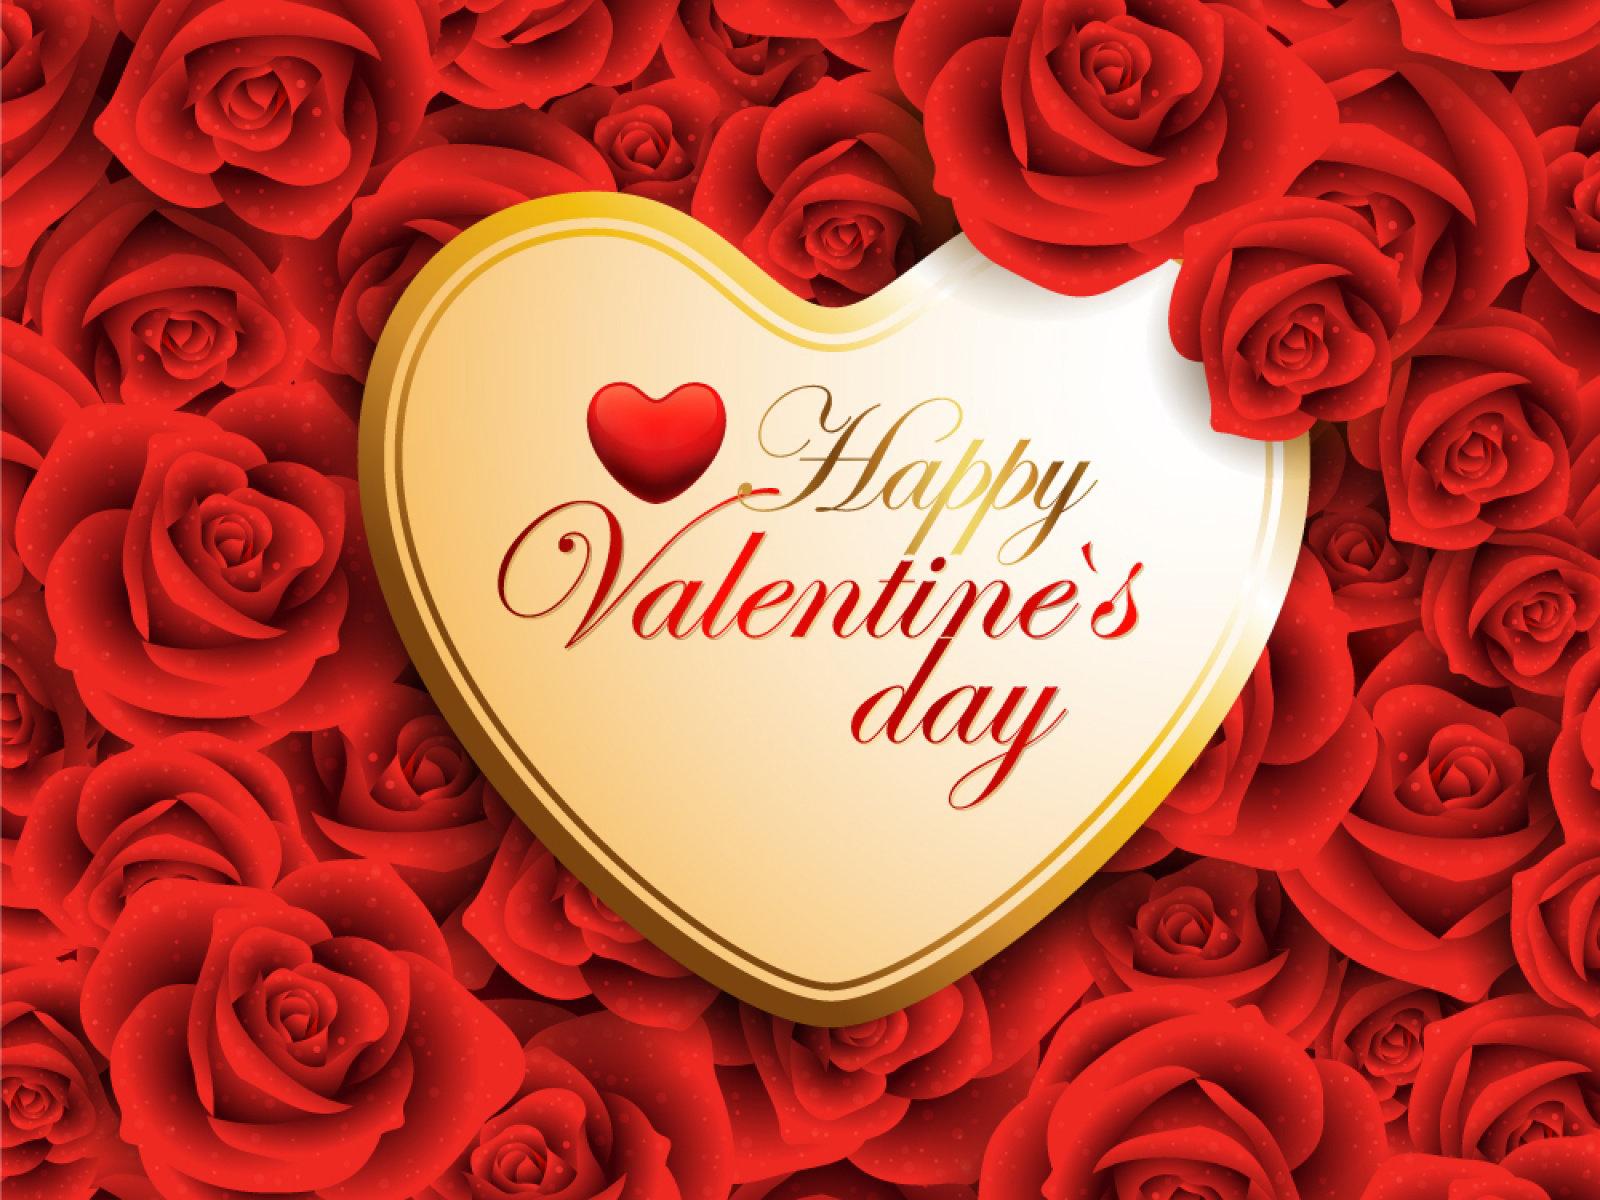 بالصور رسائل حب صباحية , الحب واجمل الرسائل بين الحبيبين فى الصباح 5510 5